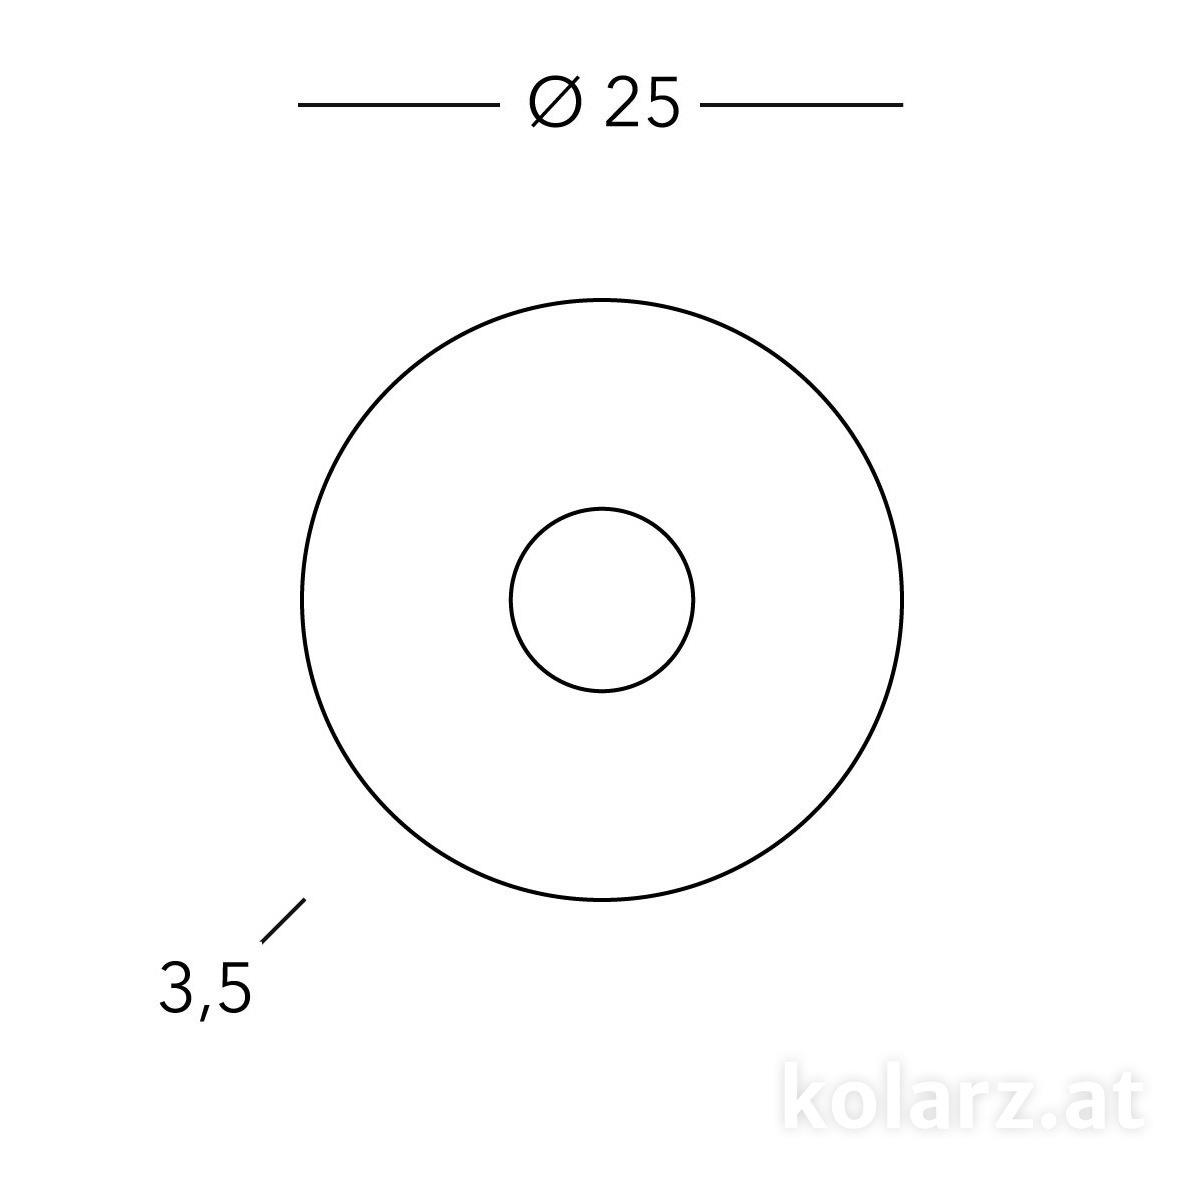 A1336-11-1-Ag-s1.jpg